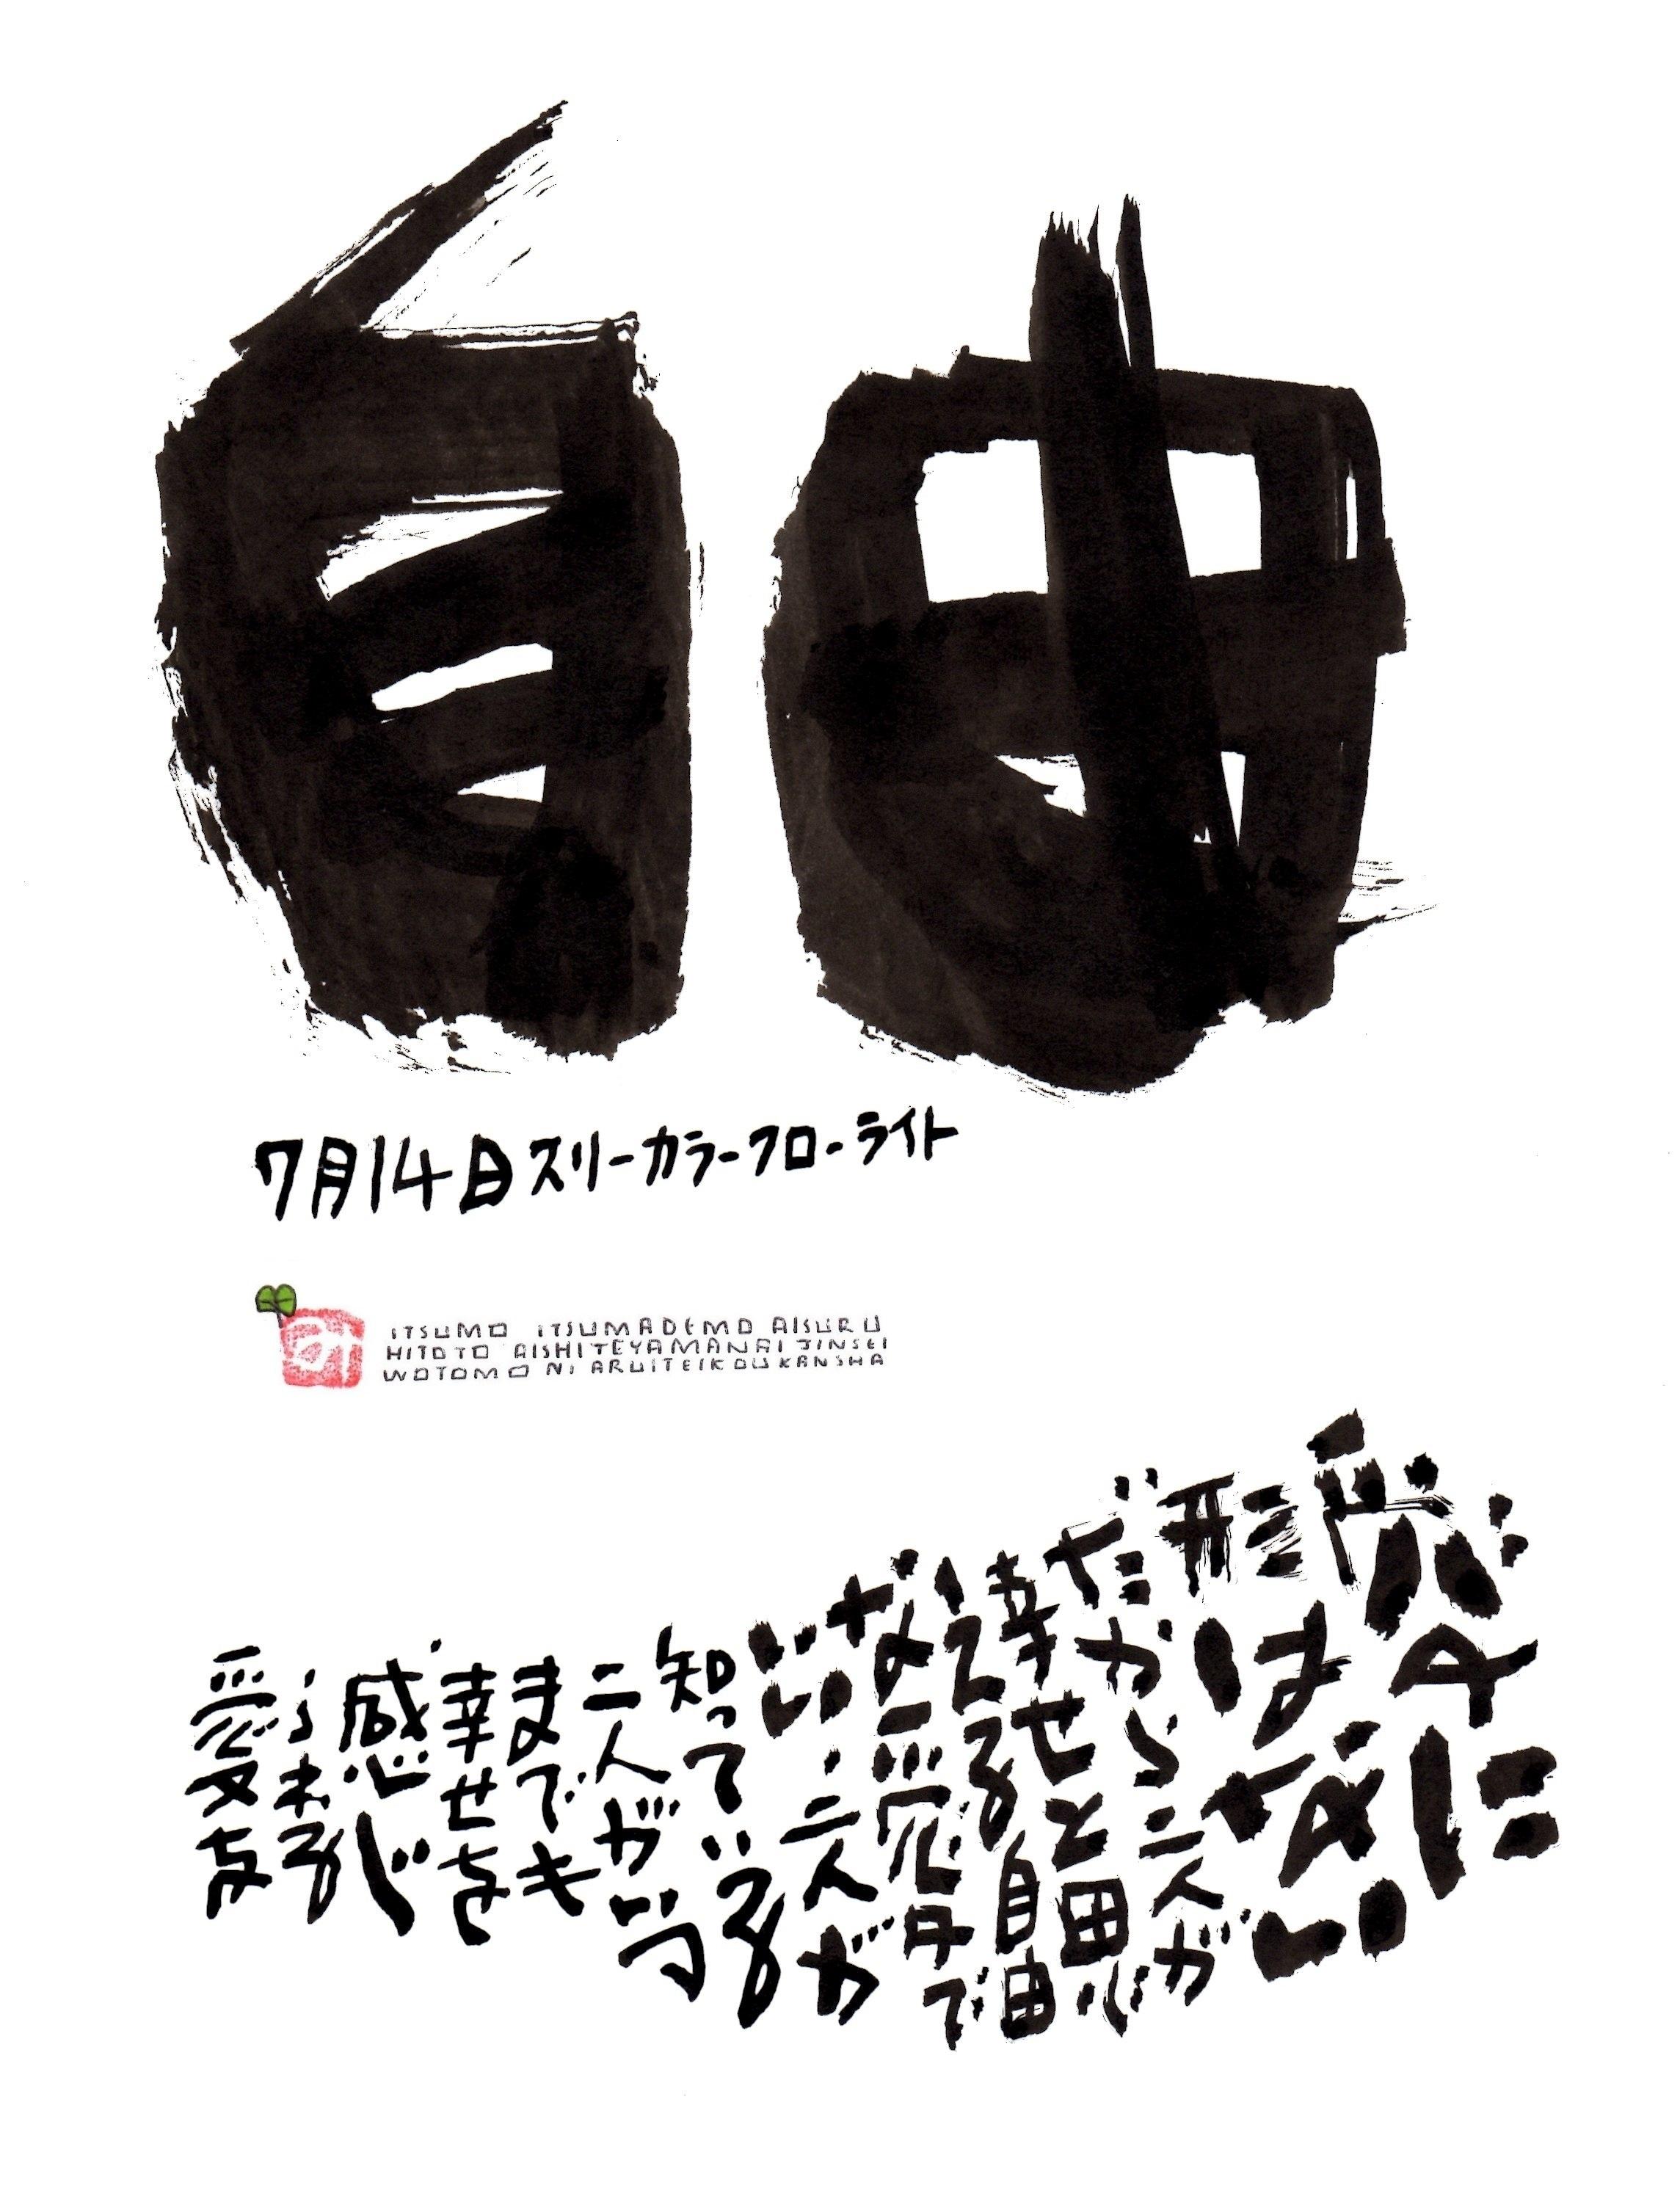 7月14日 結婚記念日ポストカード【自由】